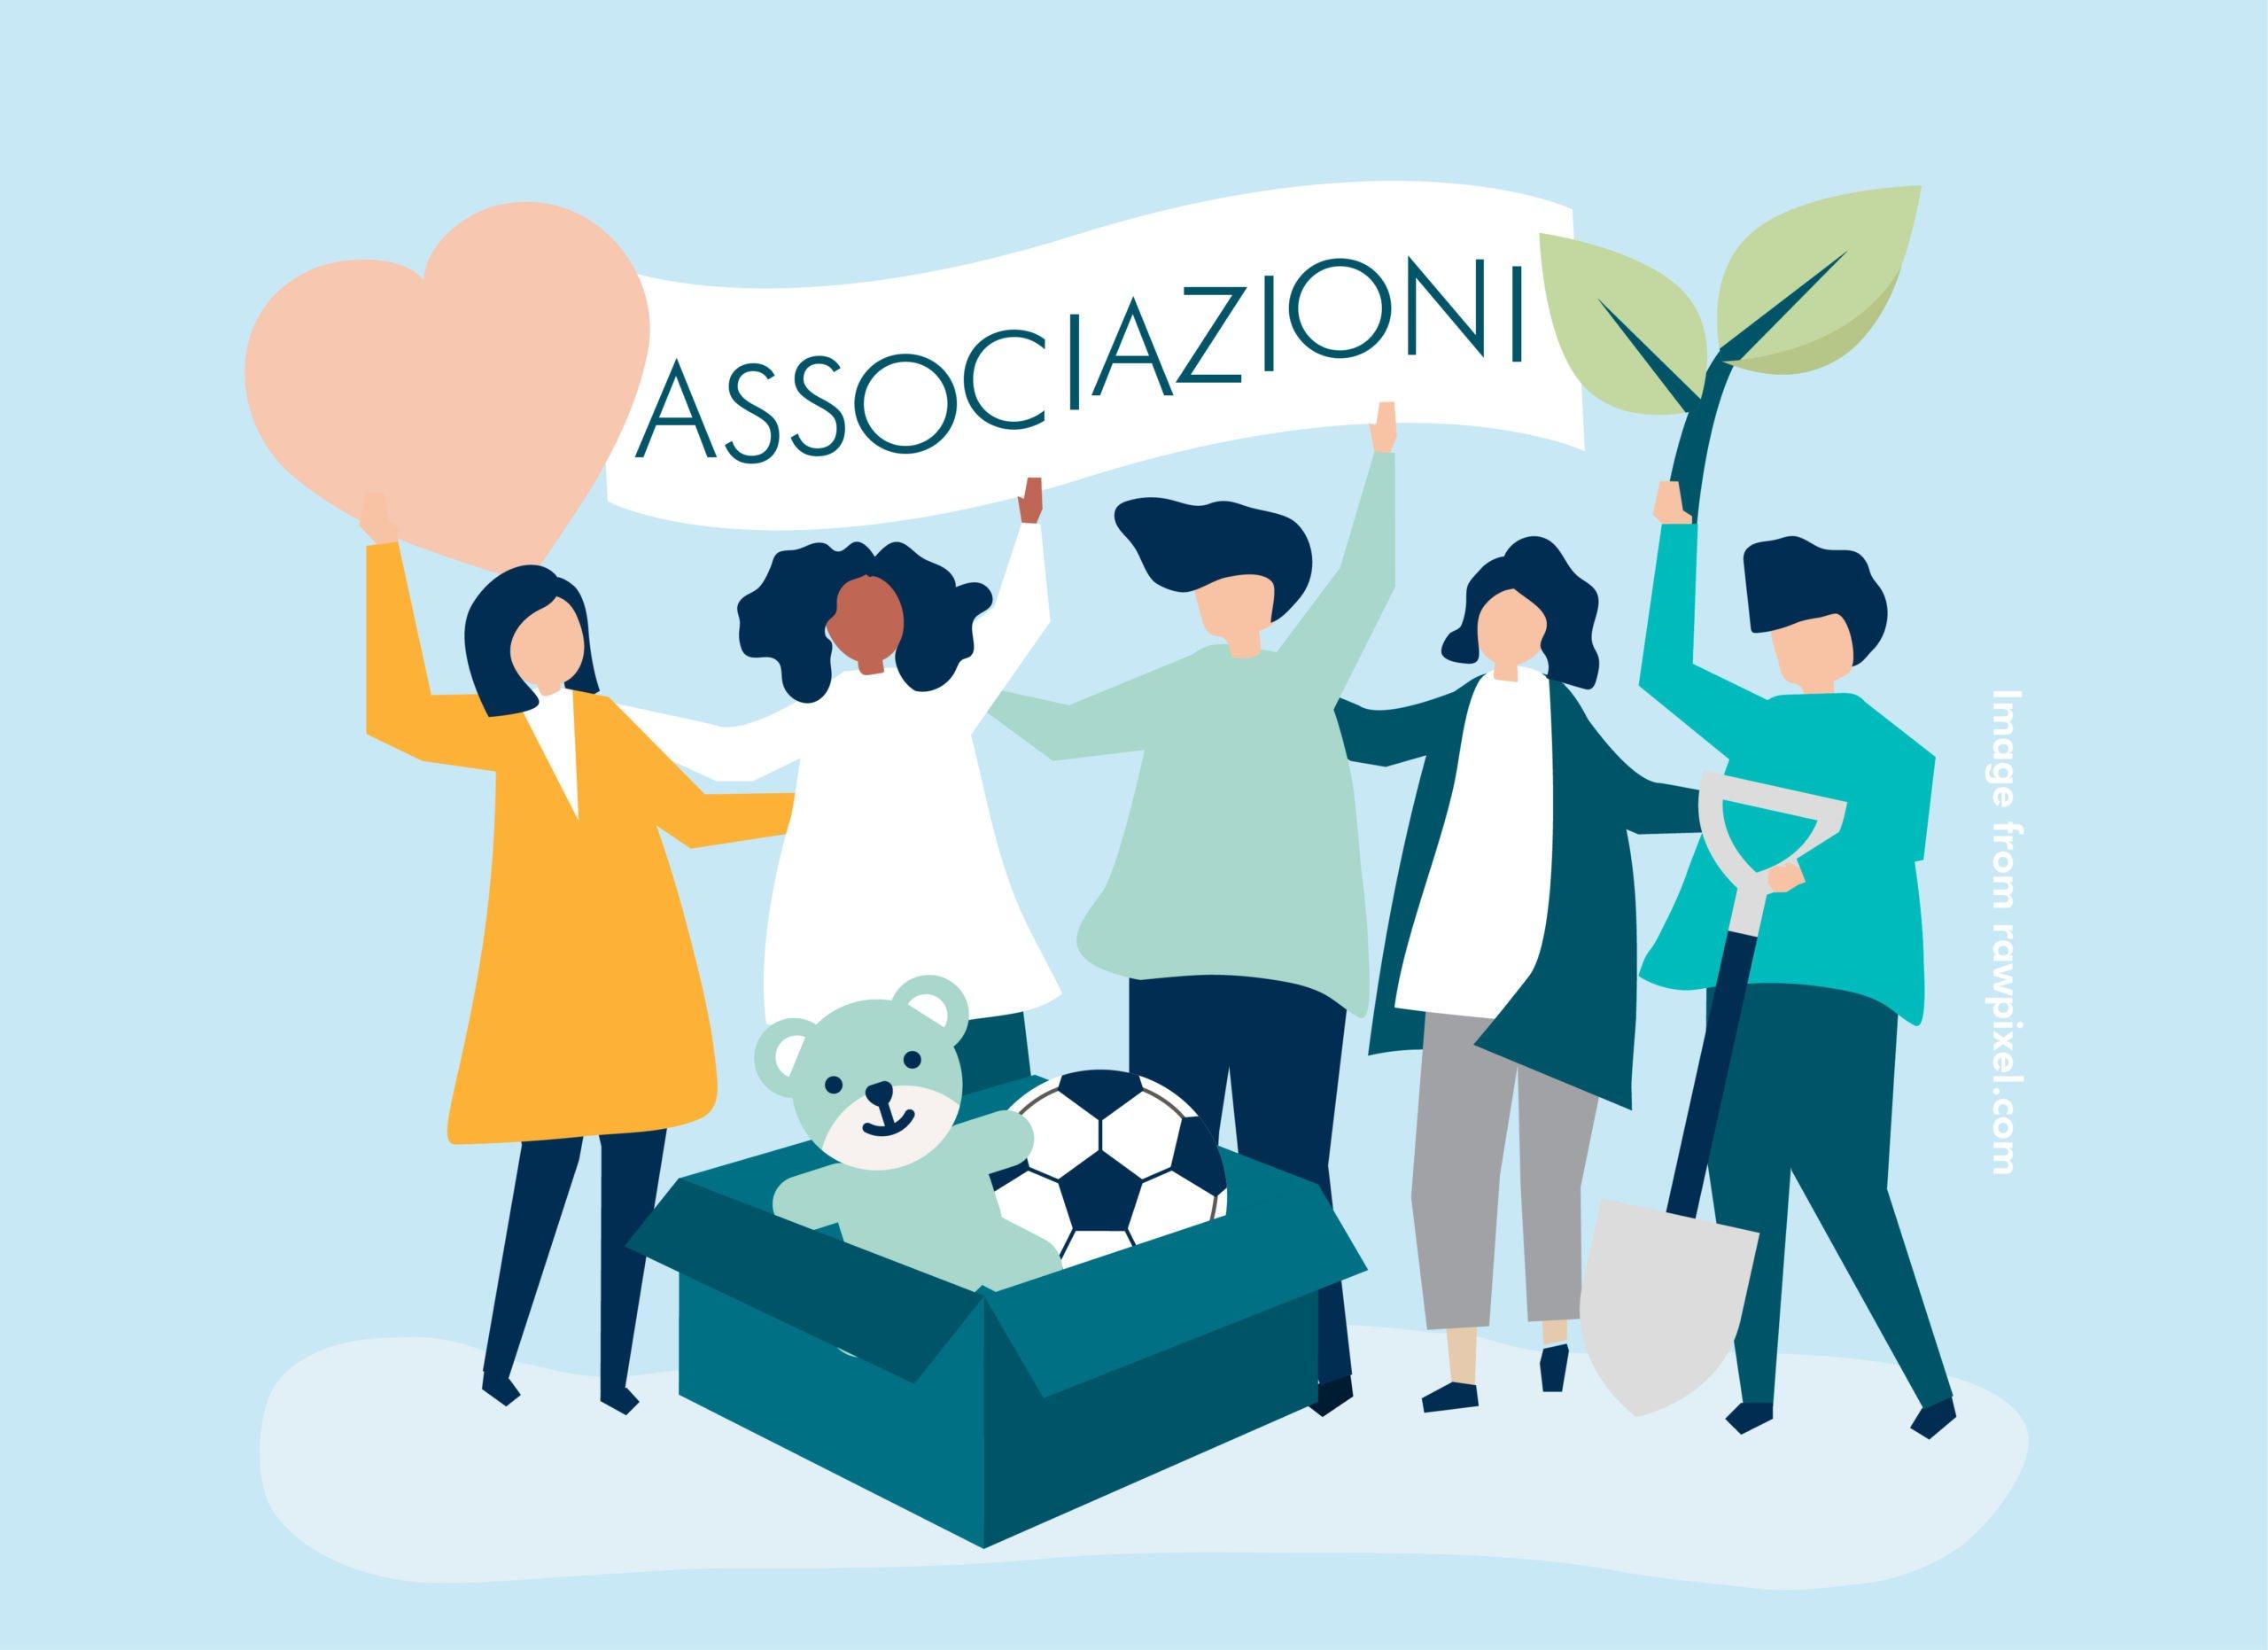 Come con le App puoi aiutare le Associazioni No Profit e guadagnare!,Notifiche Push,Marketing, Come con le App puoi aiutare le Associazioni No Profit e guadagnare!, Migastone Blog